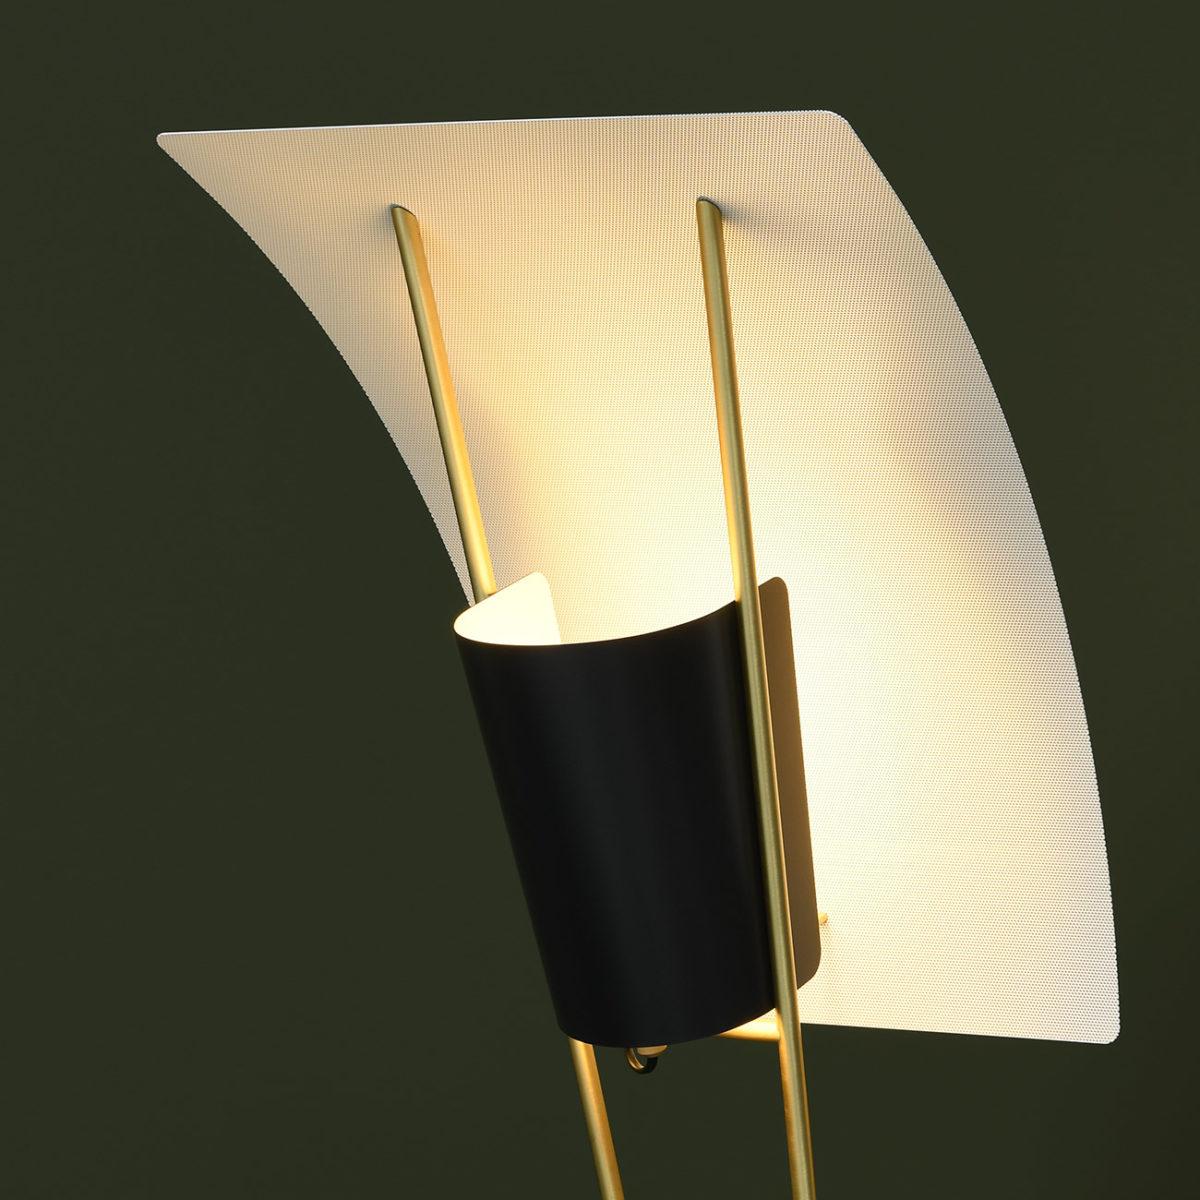 Pierre Guariche Leuchten; Stehleuchte mit Lochblech